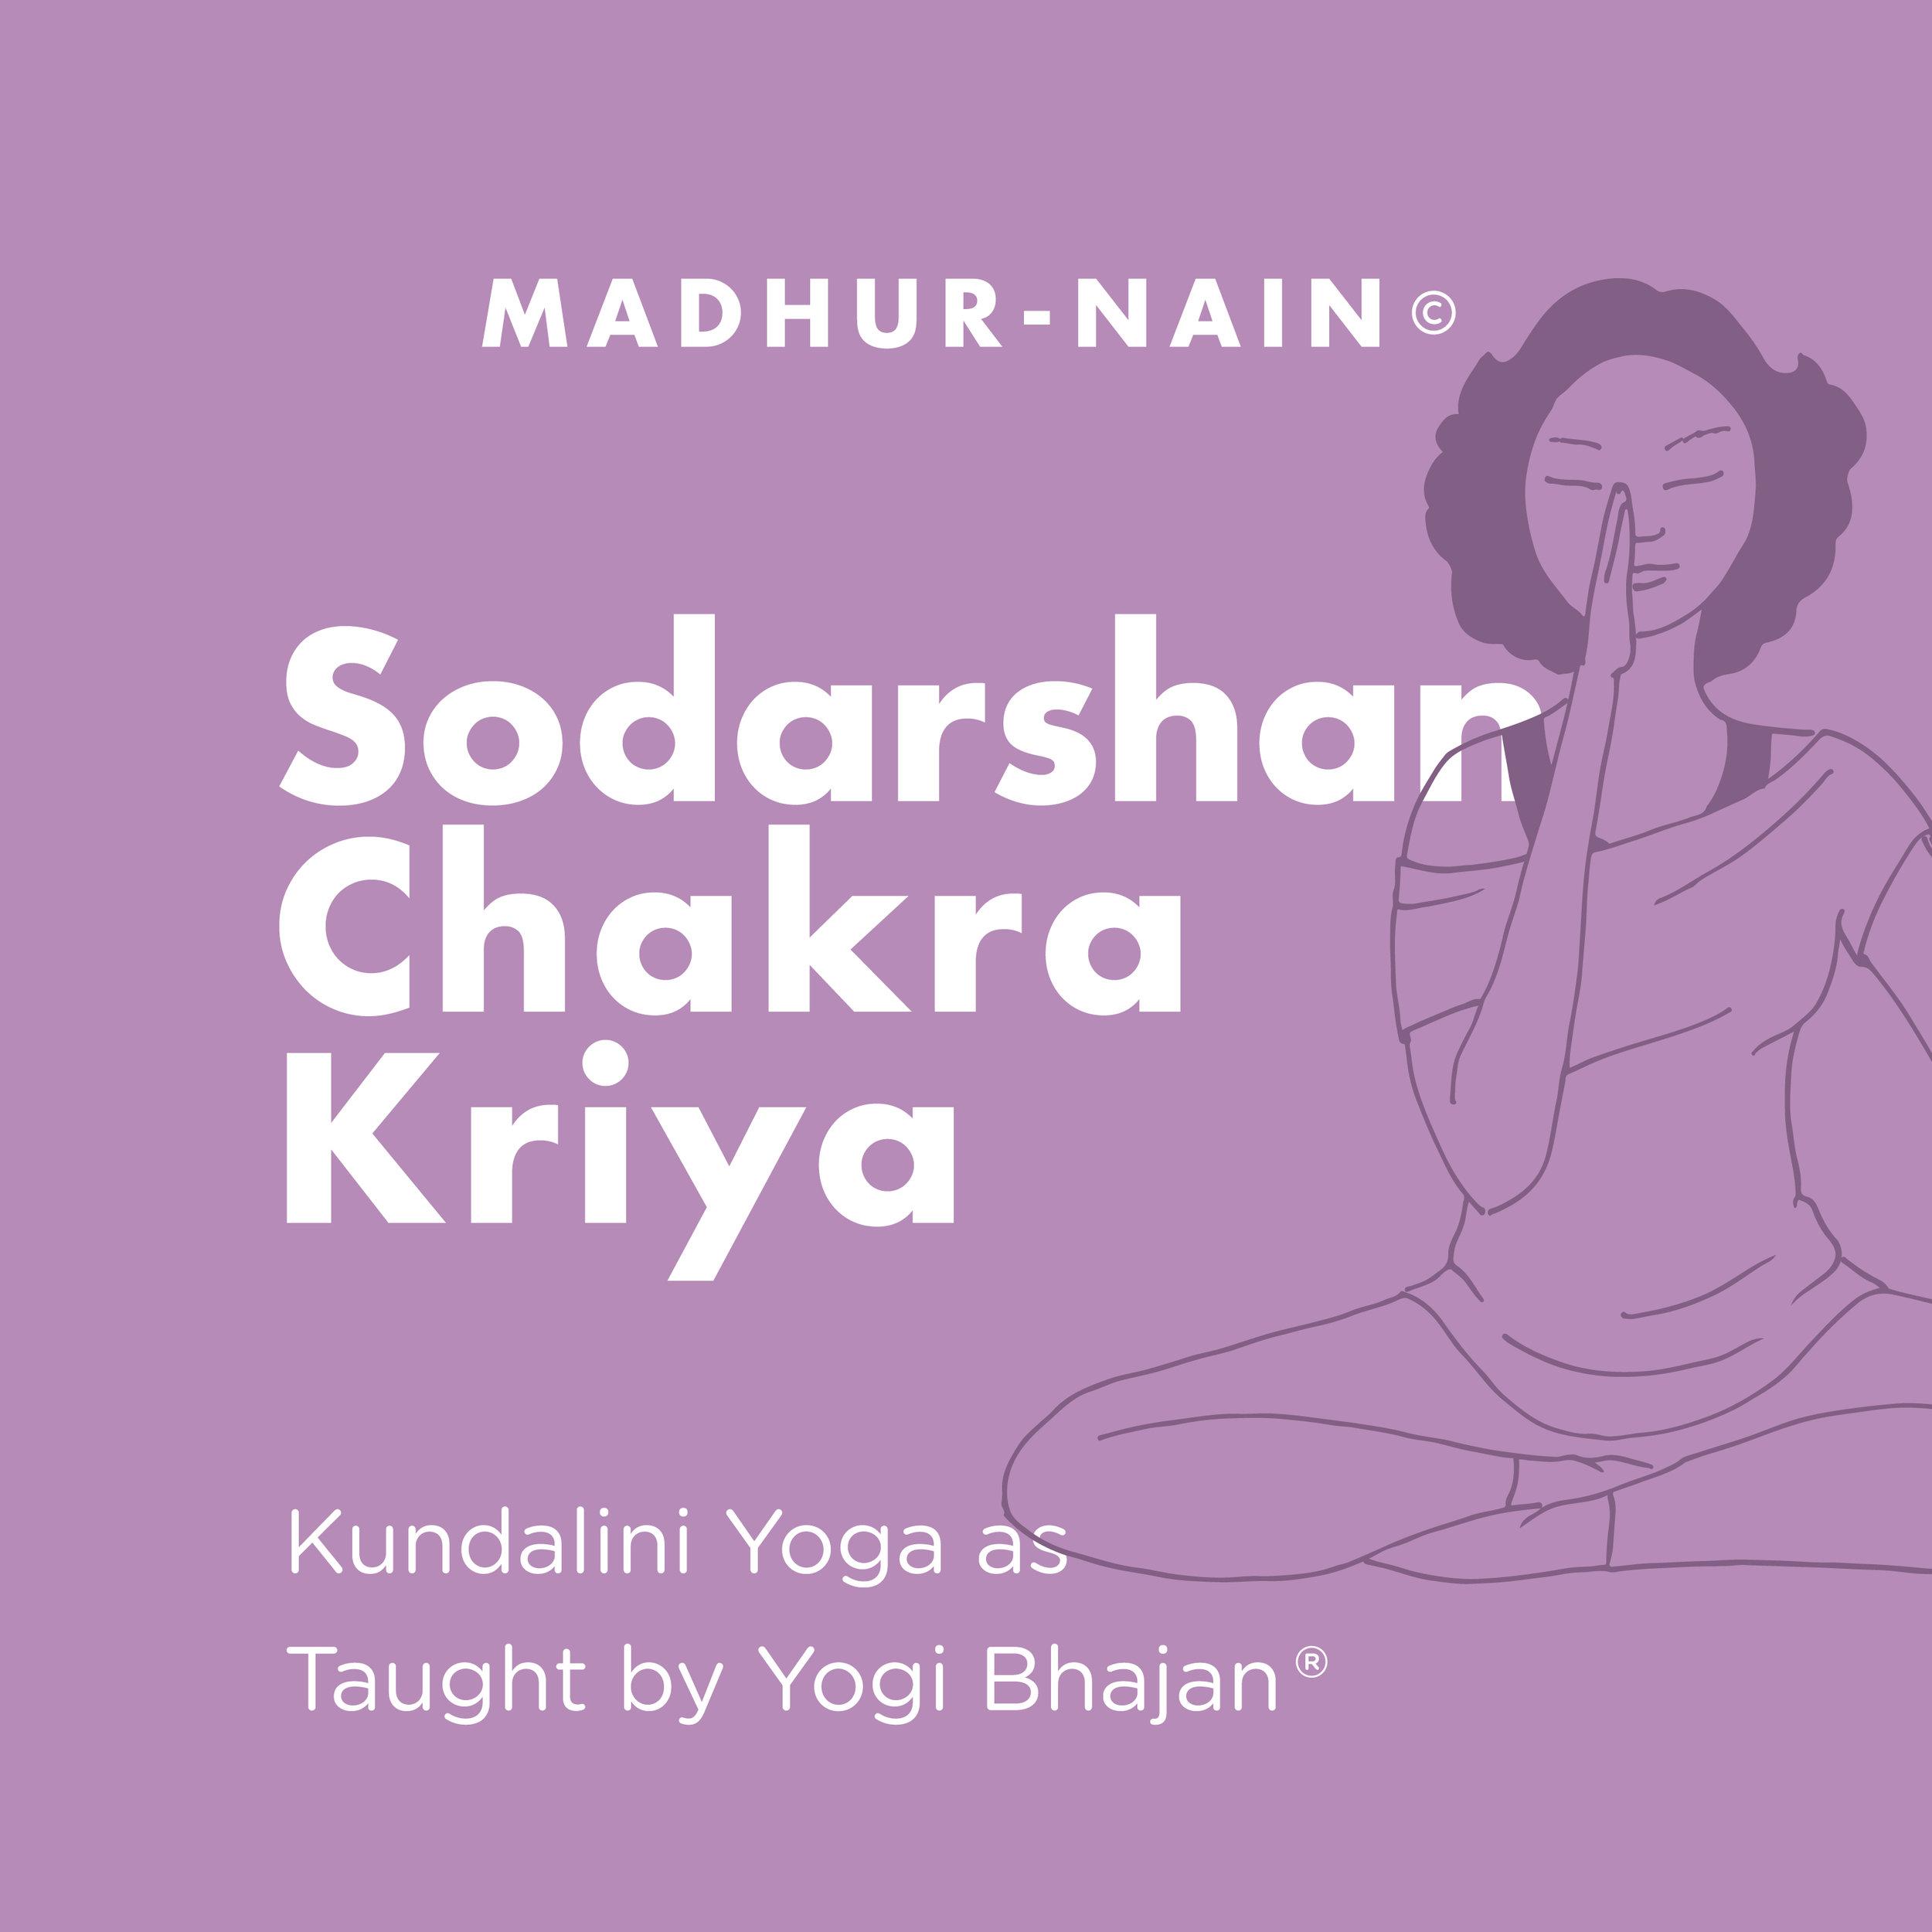 Sodarshan Chakra Kriya-100.jpg